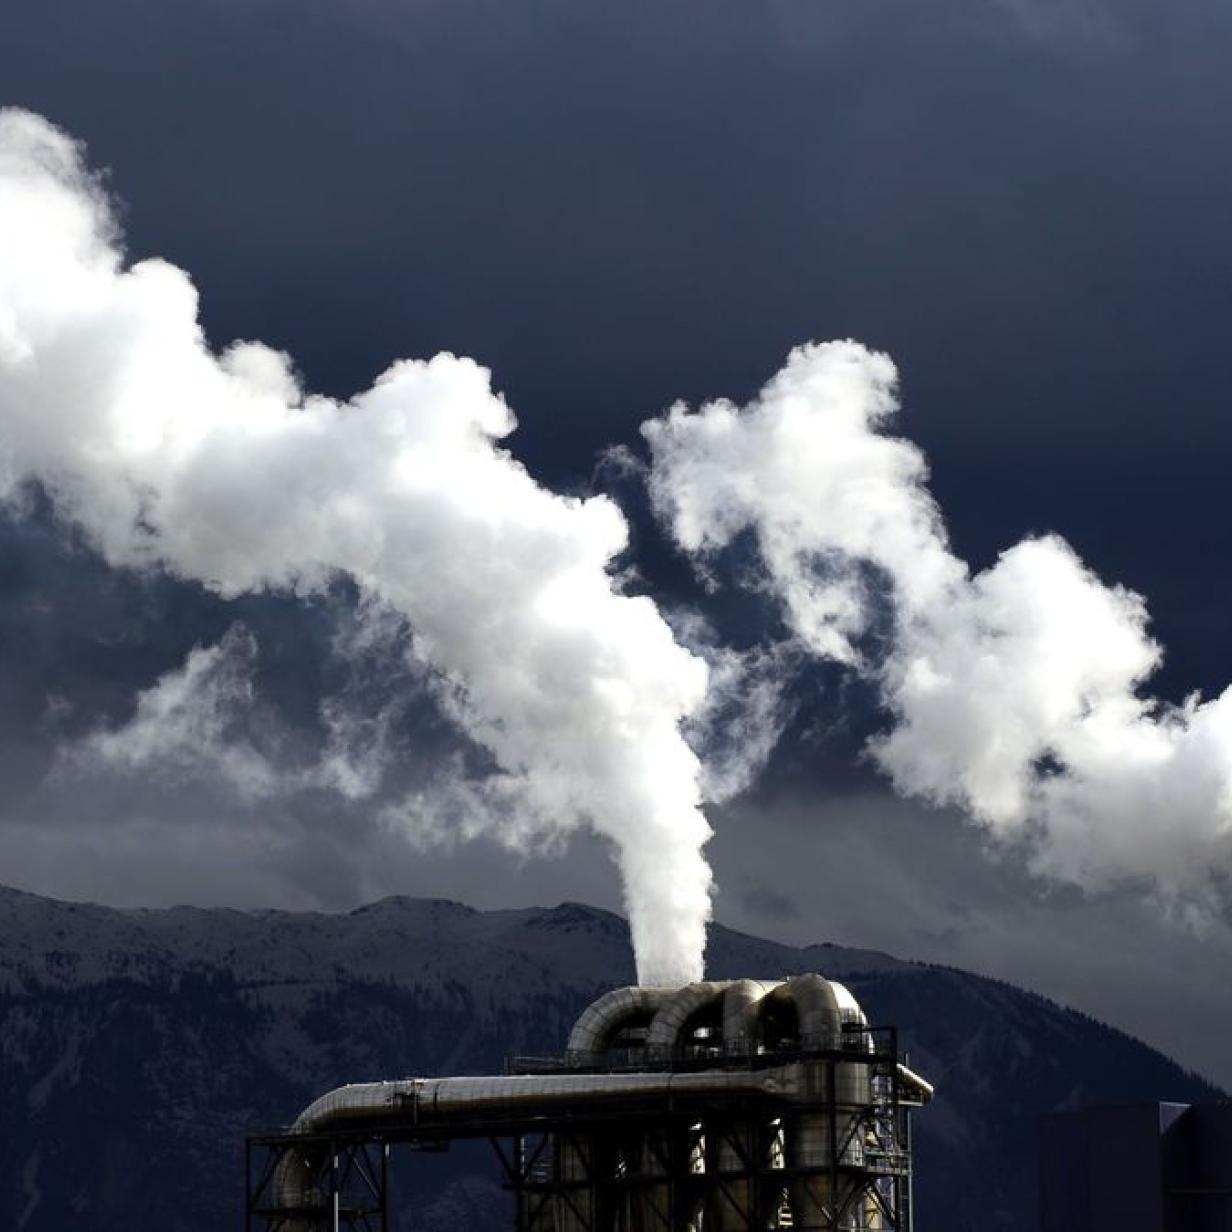 Warum die Klimarettung so schwierig ist